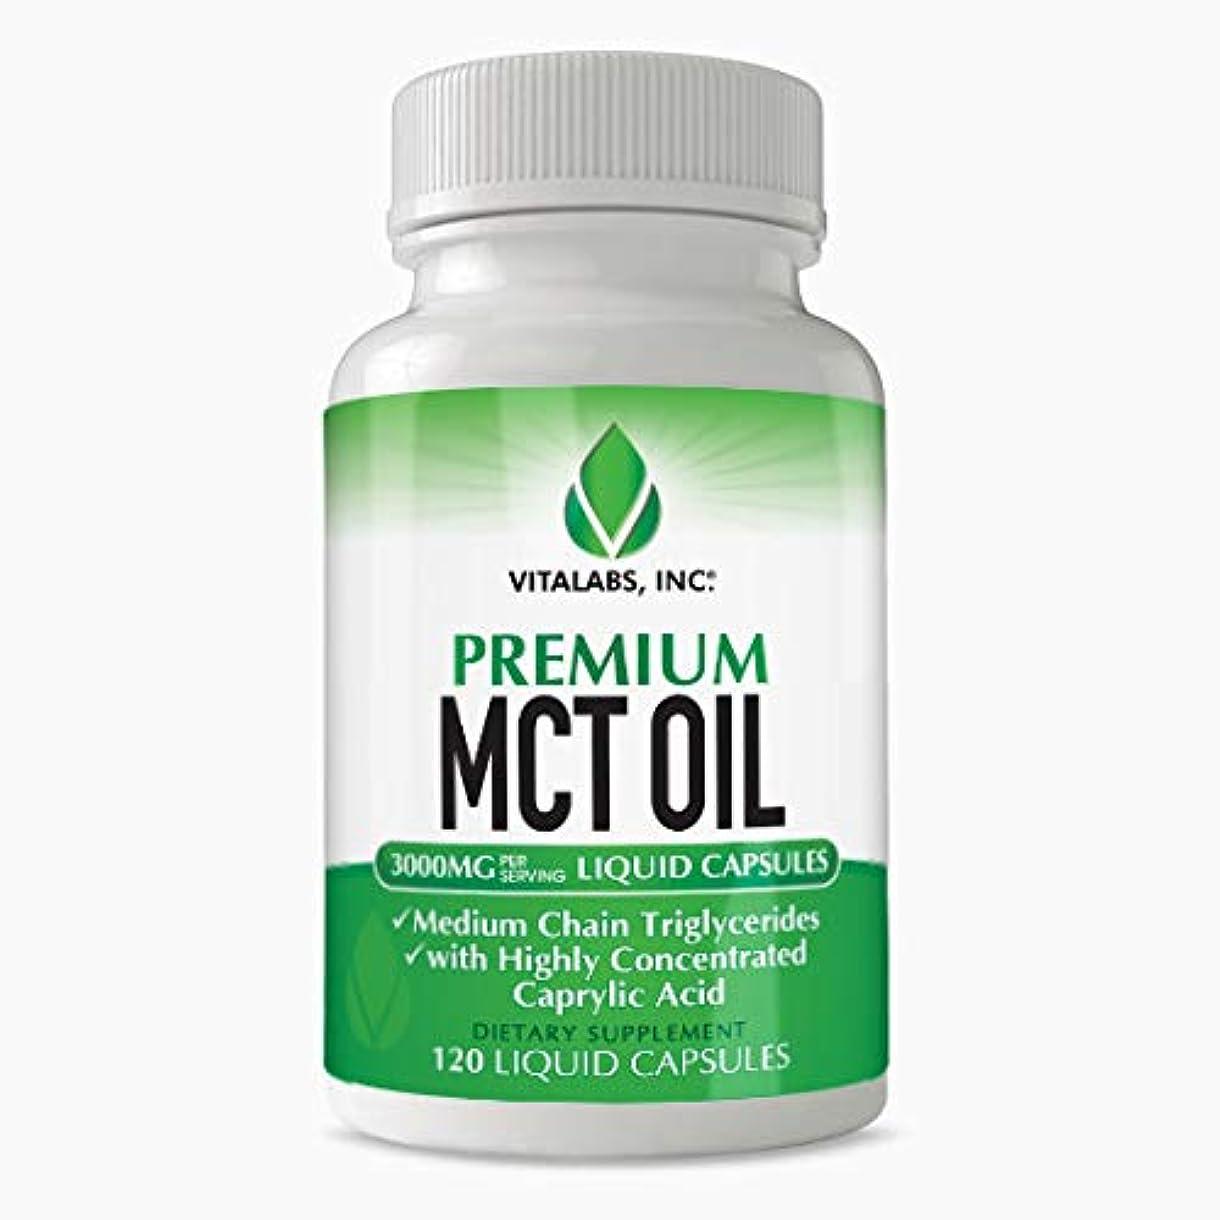 荒涼としたホールドオール症候群取りやすいジェルカプセルタイプ?ココナッツ由来-MCT オイル/3000mg(1Serving) 120Capsules 【Vitalabs.MCT Oil】 (3)